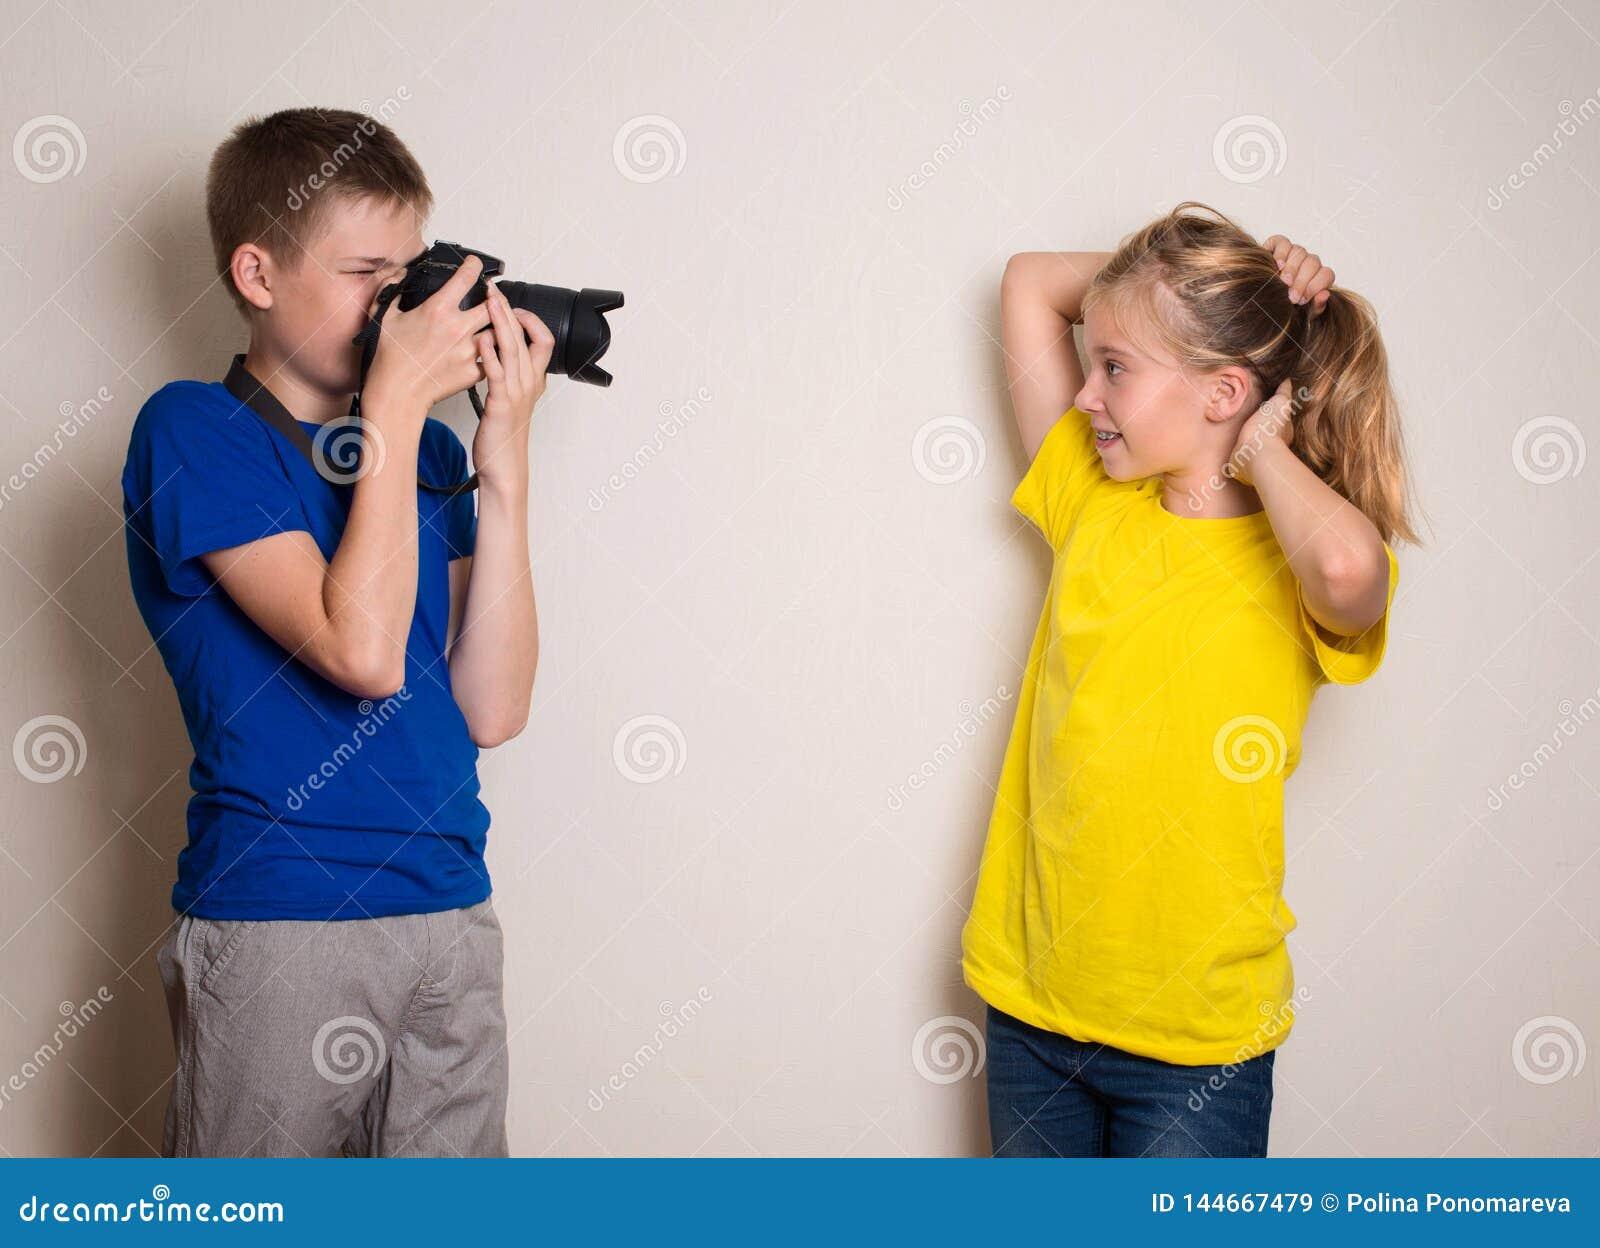 Zwei Teenager der besten Freunde, der zu Hause Foto auf ihrer Kamera, Spaß zusammen, Freude und Glück habend macht